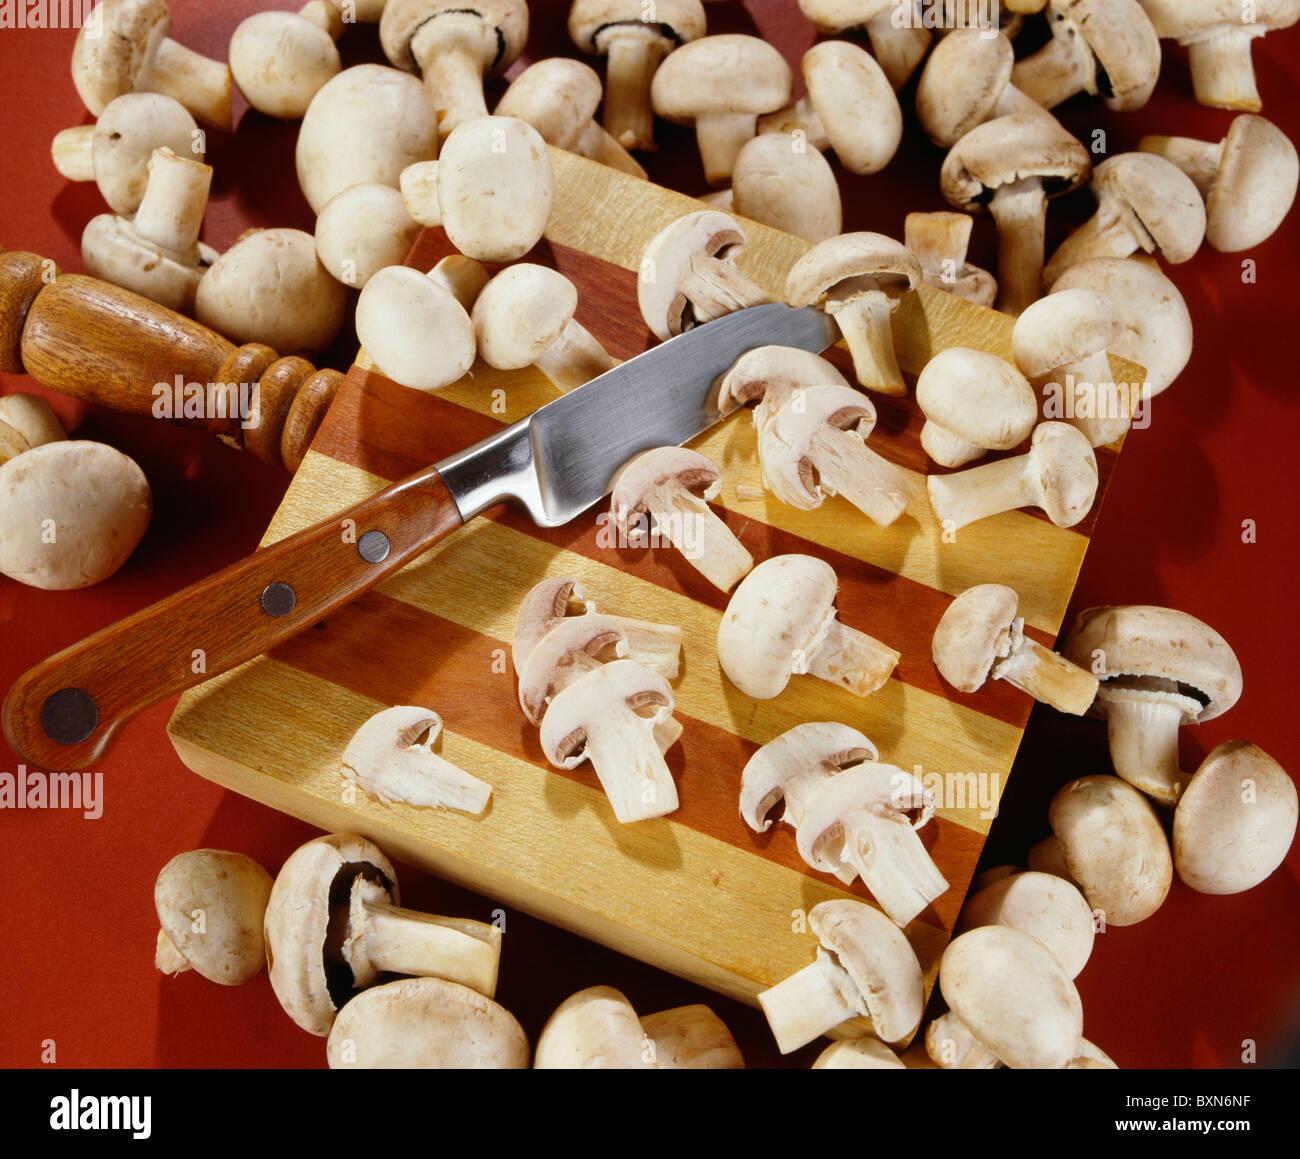 COMMON (EDIBLE) MUSHROOMS (AGARICUS CAMPESTRIS) / STUDIO Stock Photo